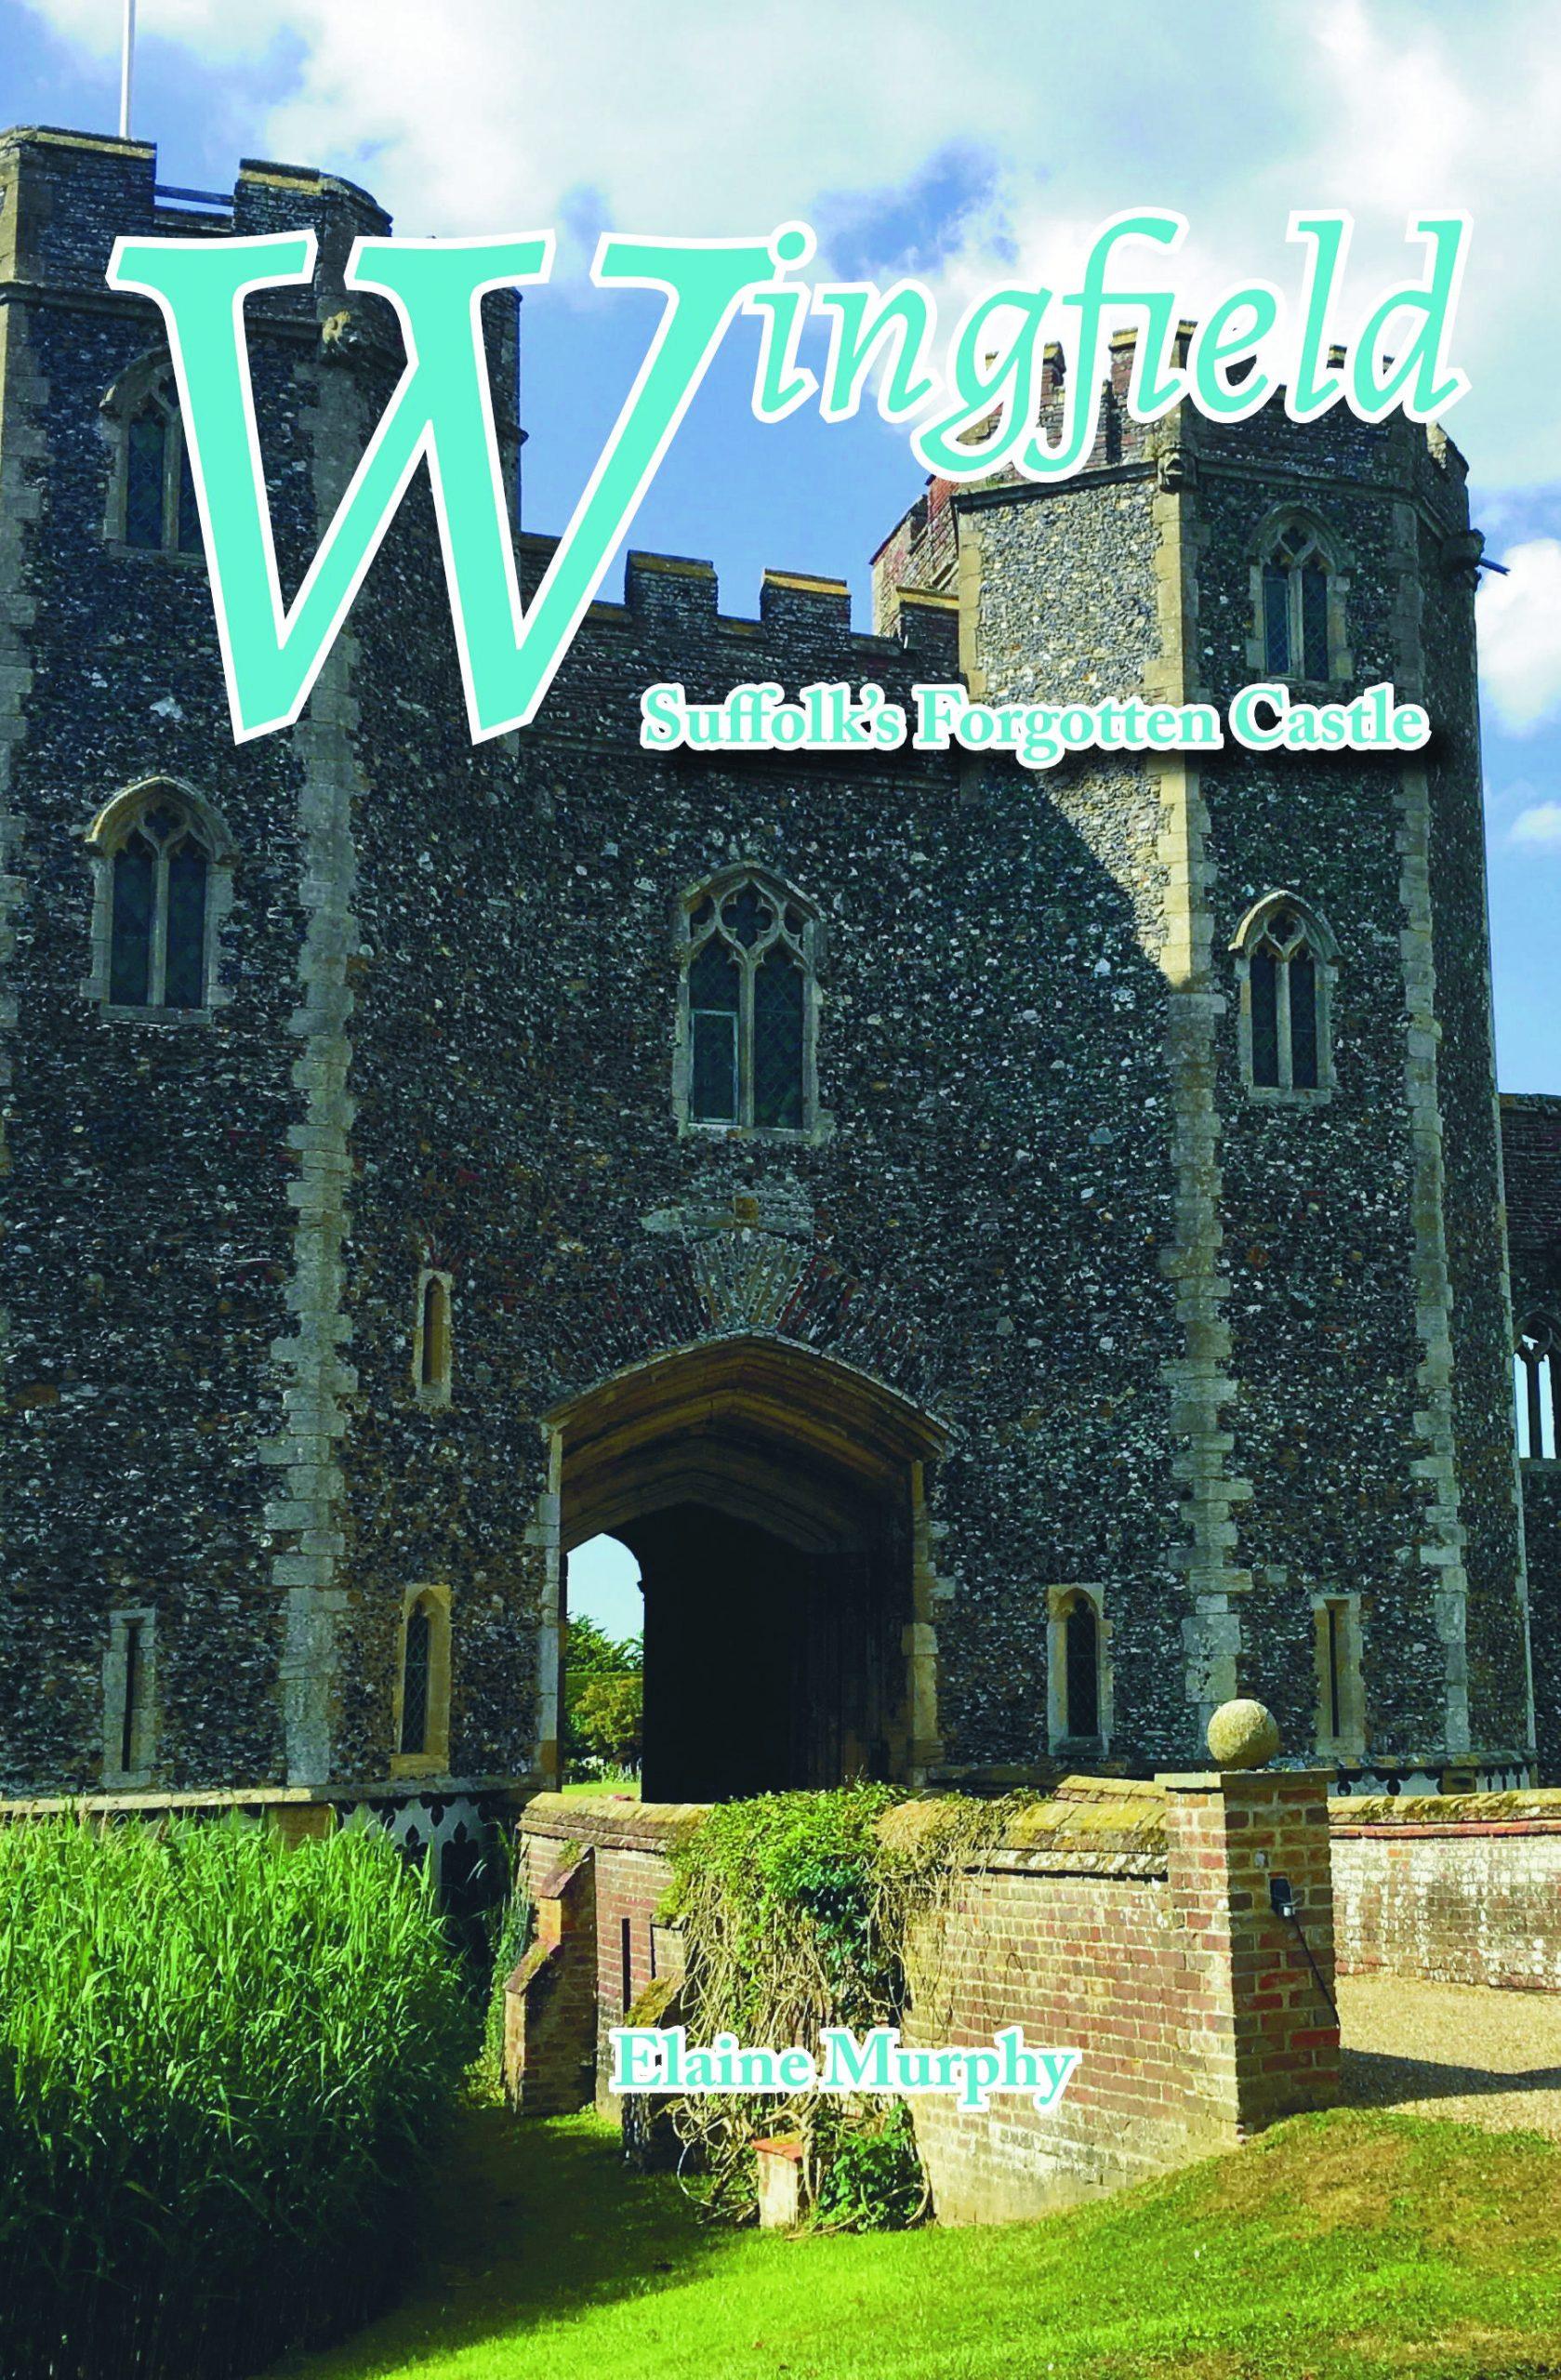 Wingfield Suffolk's Forgotten Castle